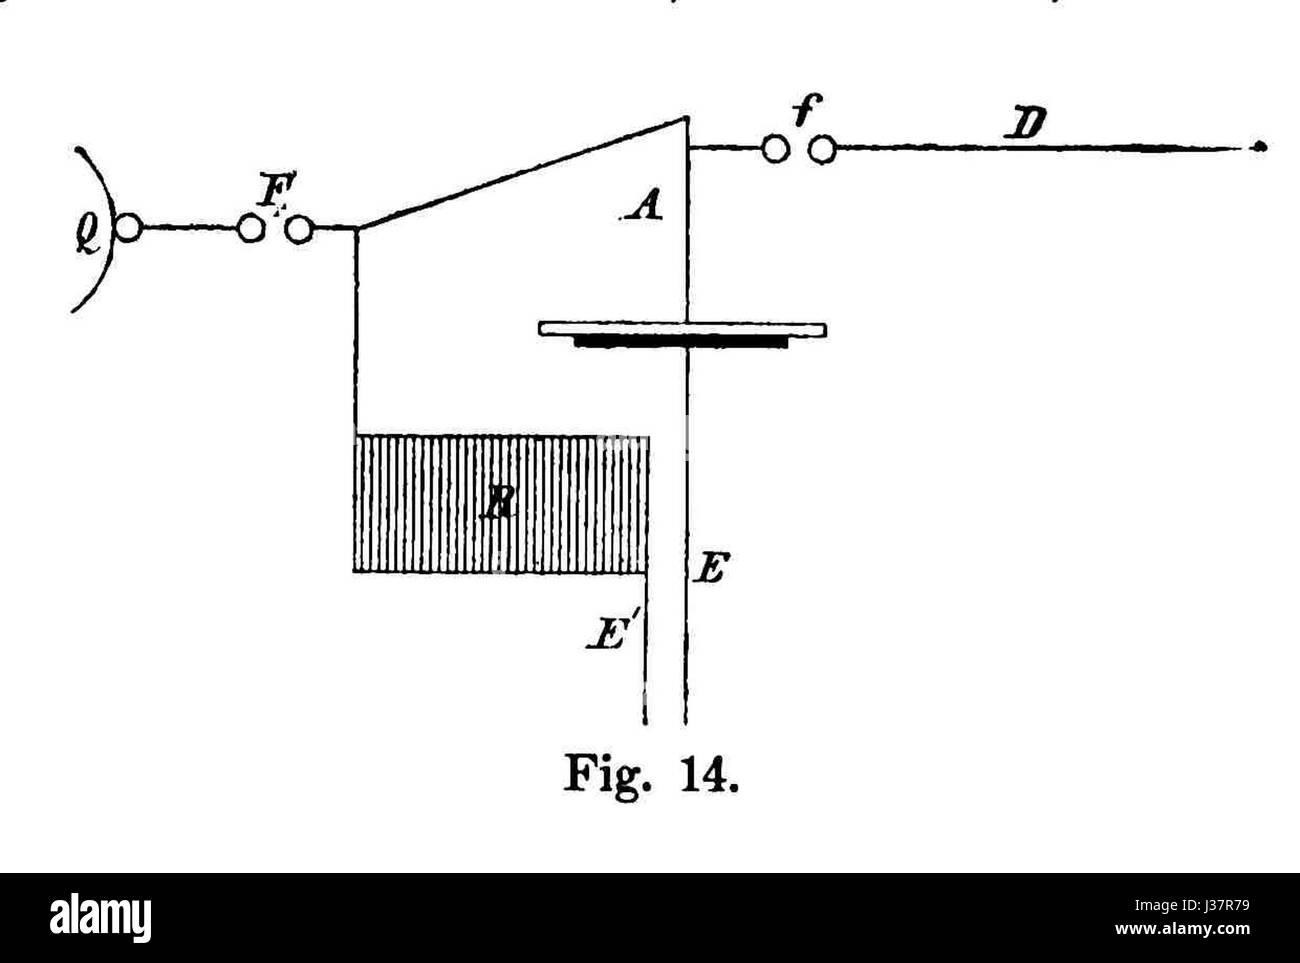 hight resolution of de elektrische kraft hertz f 14 stock image